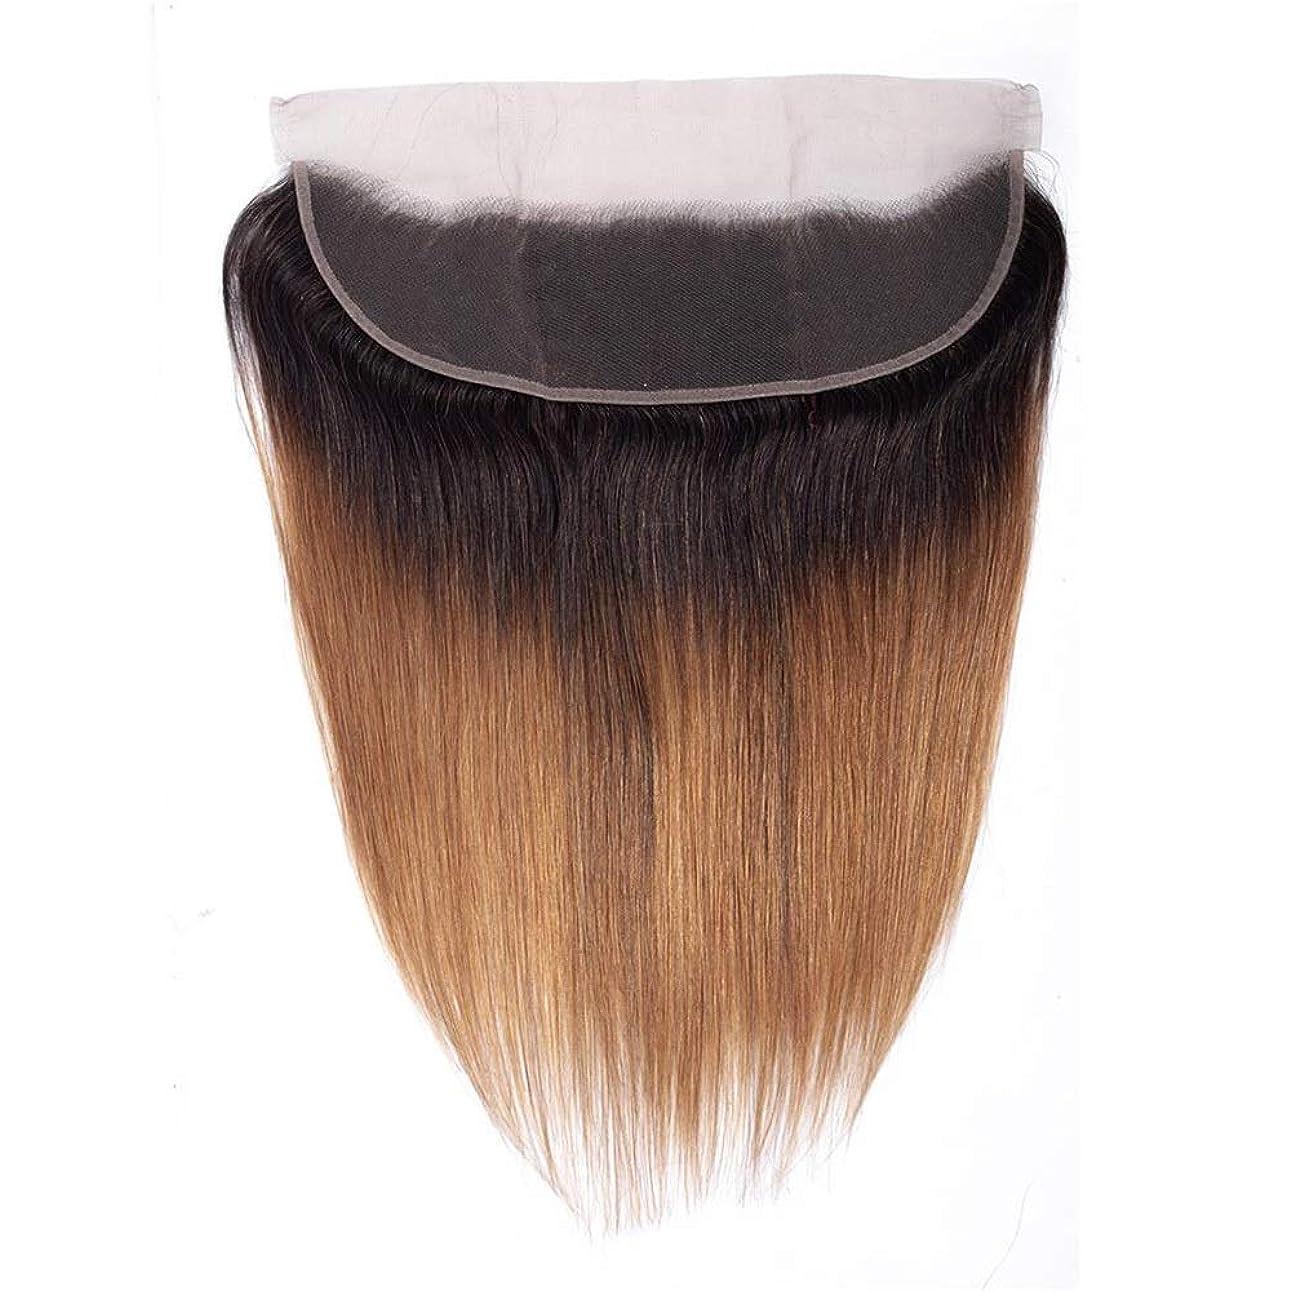 具体的にアンプ妊娠したYESONEEP ブラジルの人間の髪の毛ストレート13 * 4レースクロージャー1B / 30黒から茶色の2トーンの色(8インチ18インチ)かつらショートかつら (色 : ブラウン, サイズ : 12 inch)